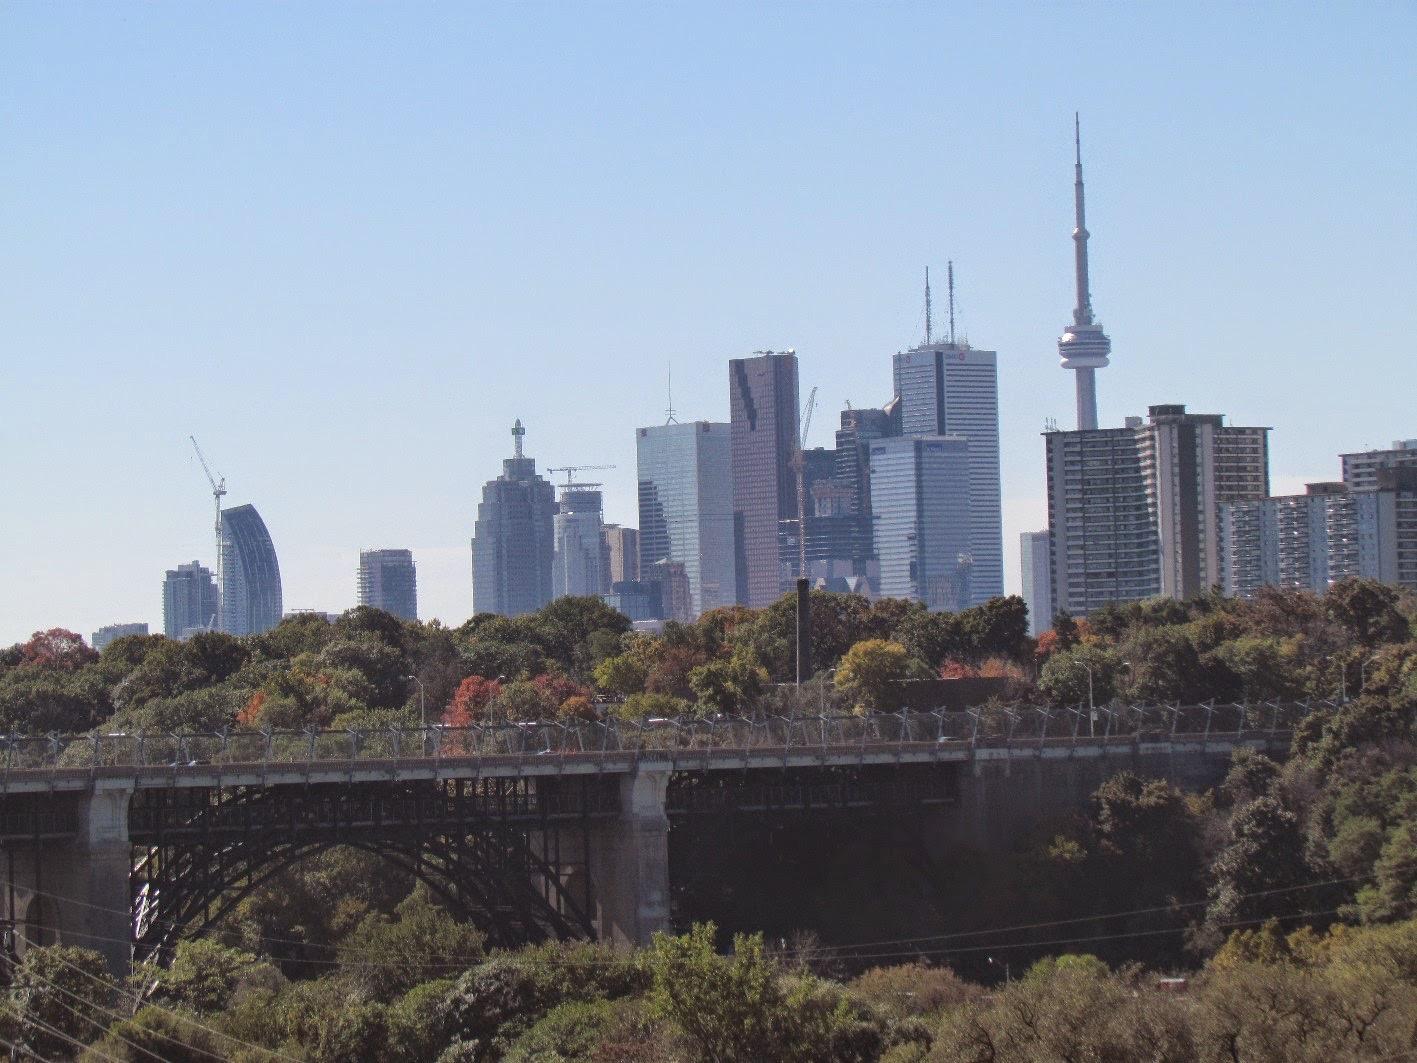 Toronto, Canada – September 2019